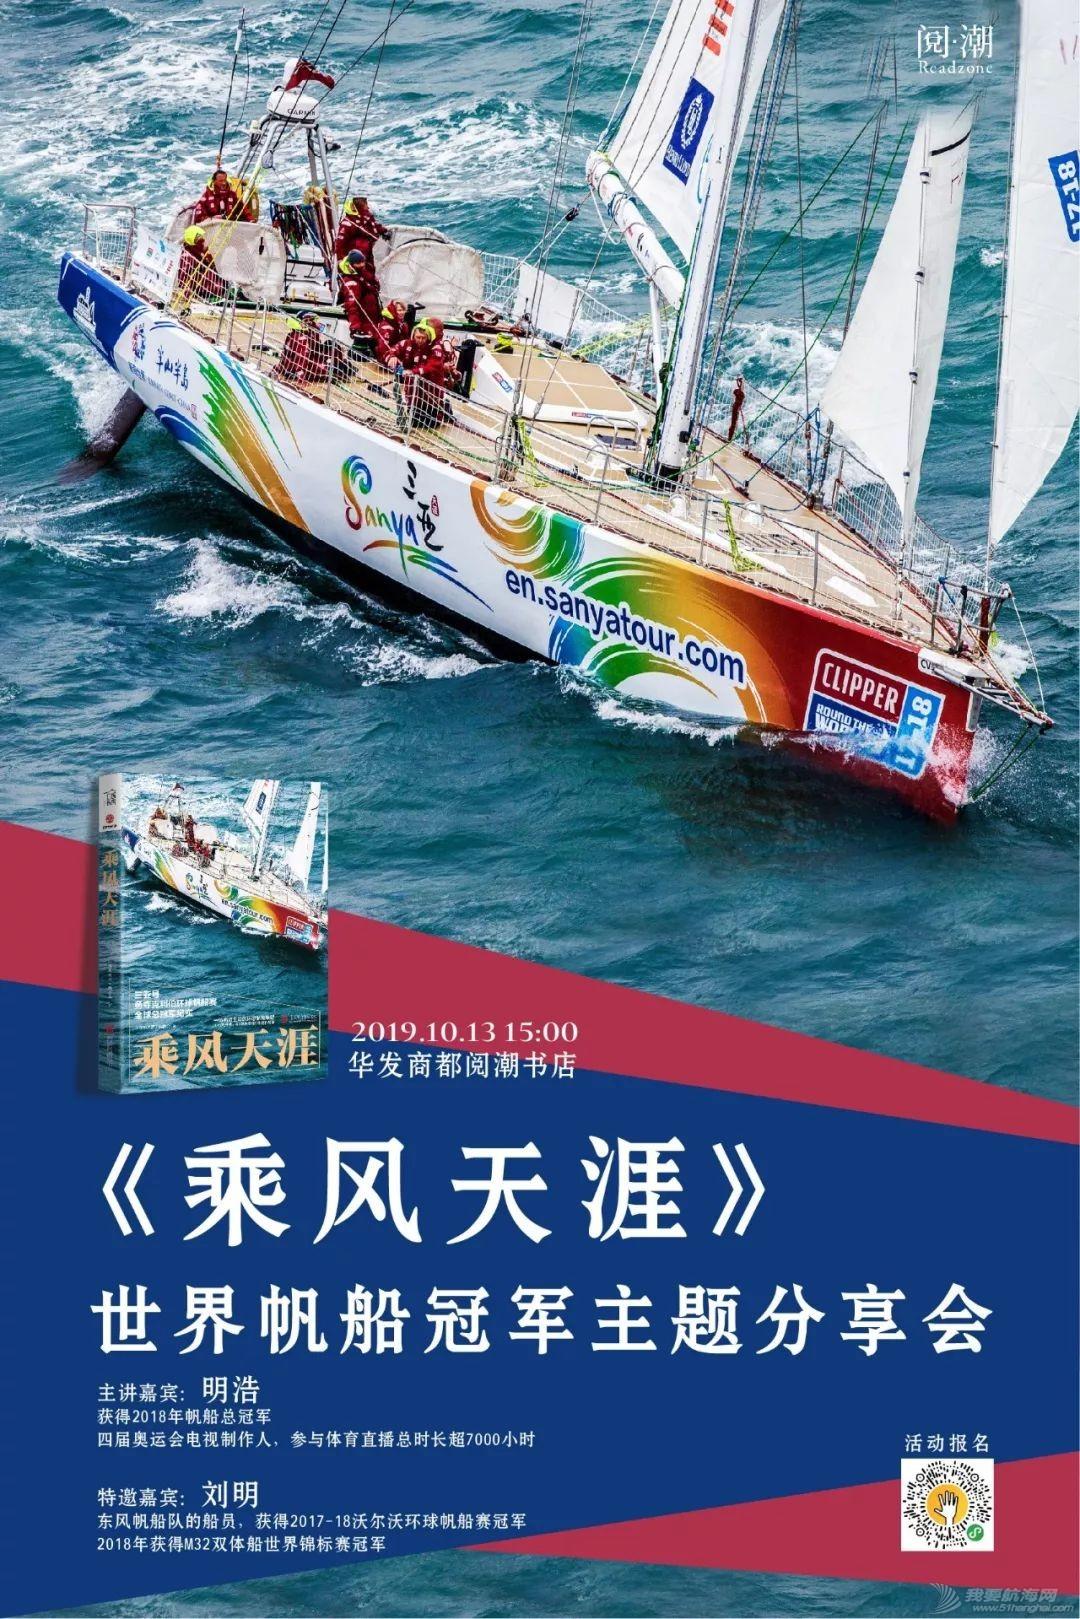 《乘风天涯》冠军三亚号主题分享会将在珠海举行w18.jpg